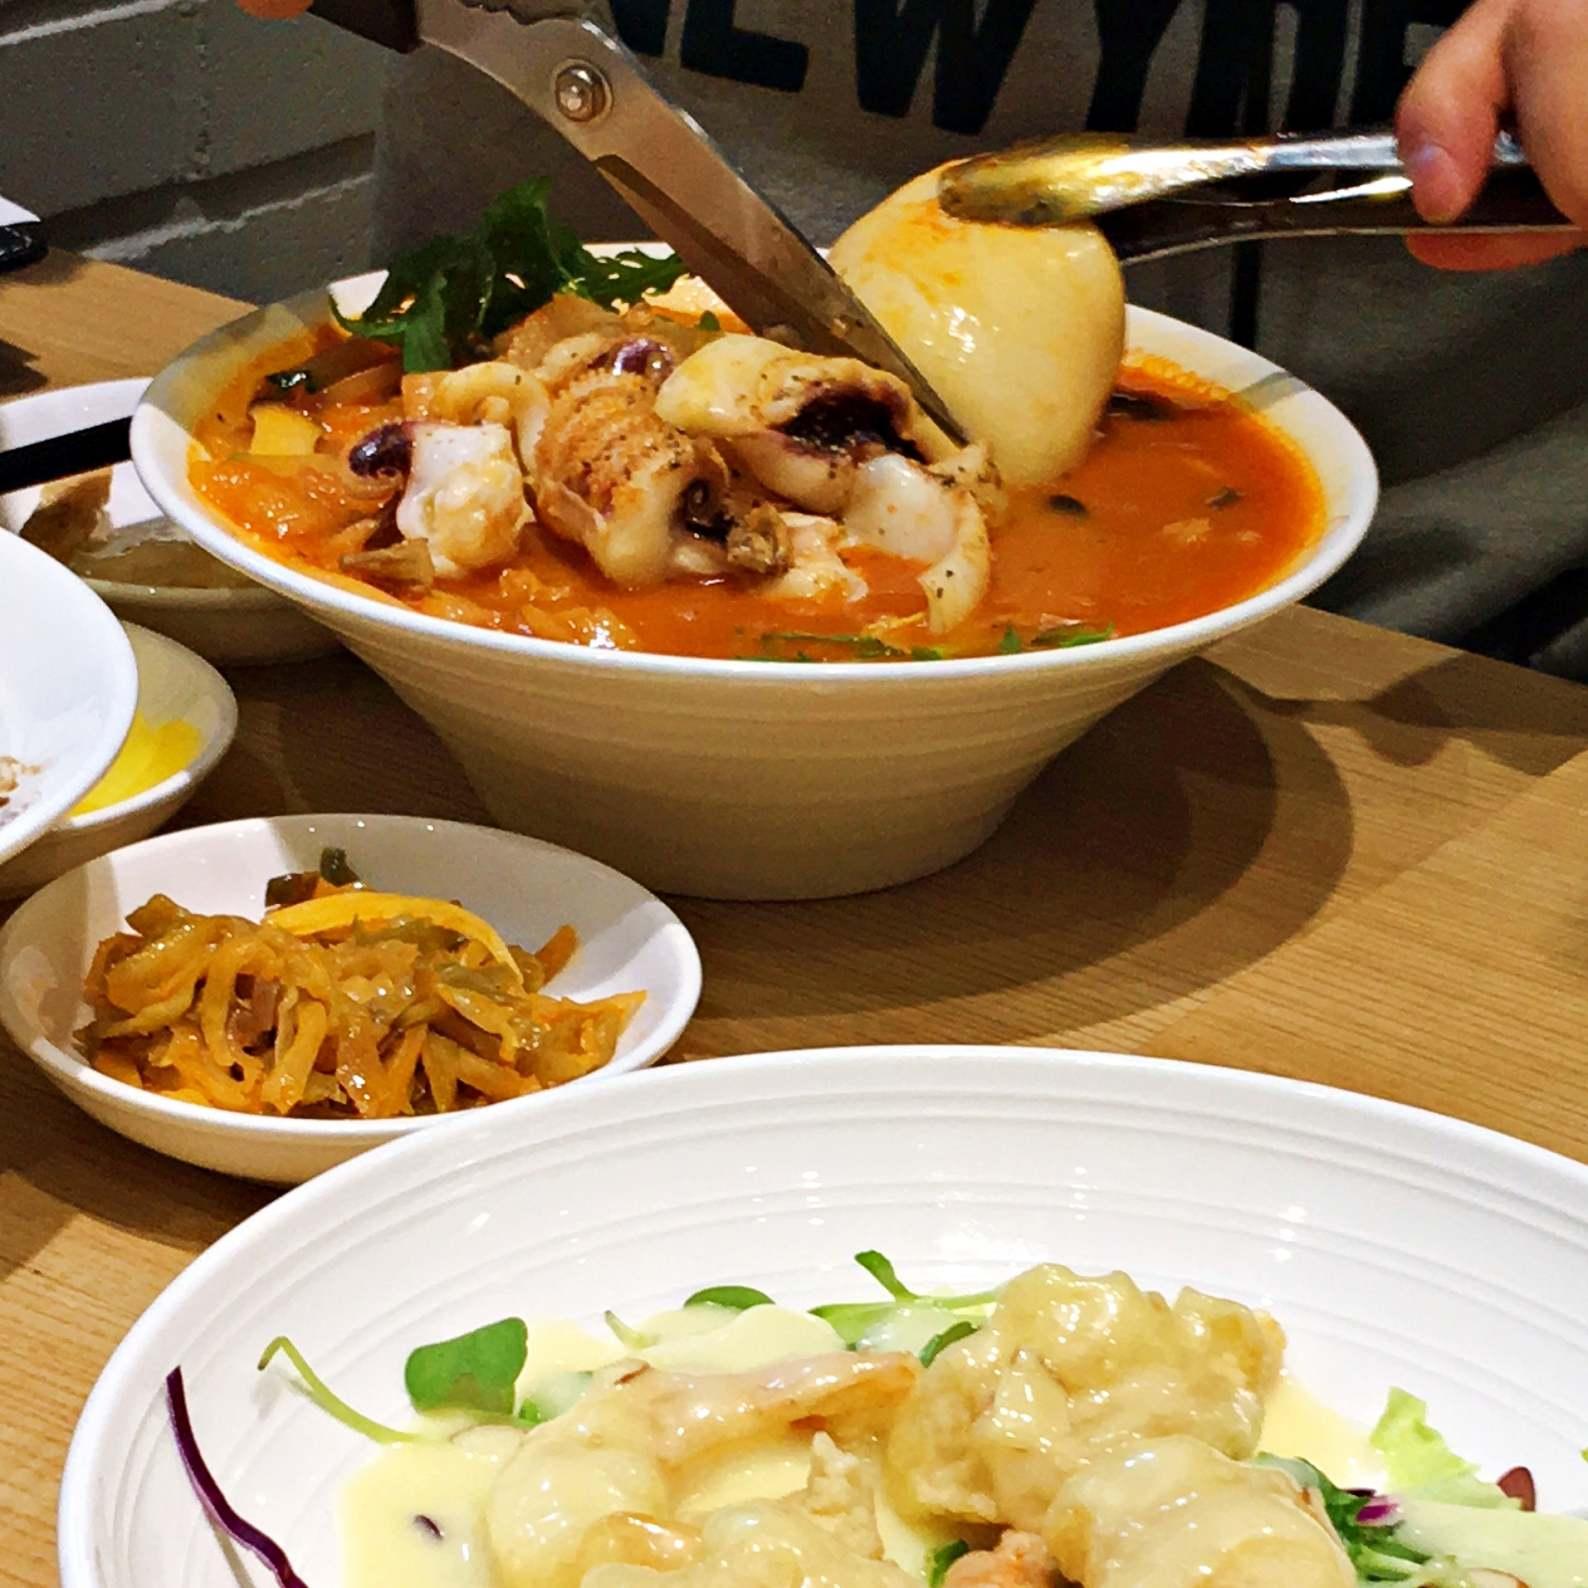 這碗是一般的韓式海鮮湯麵,湯汁通紅,會辣,裡面的魷魚大隻到要用剪刀剪它。